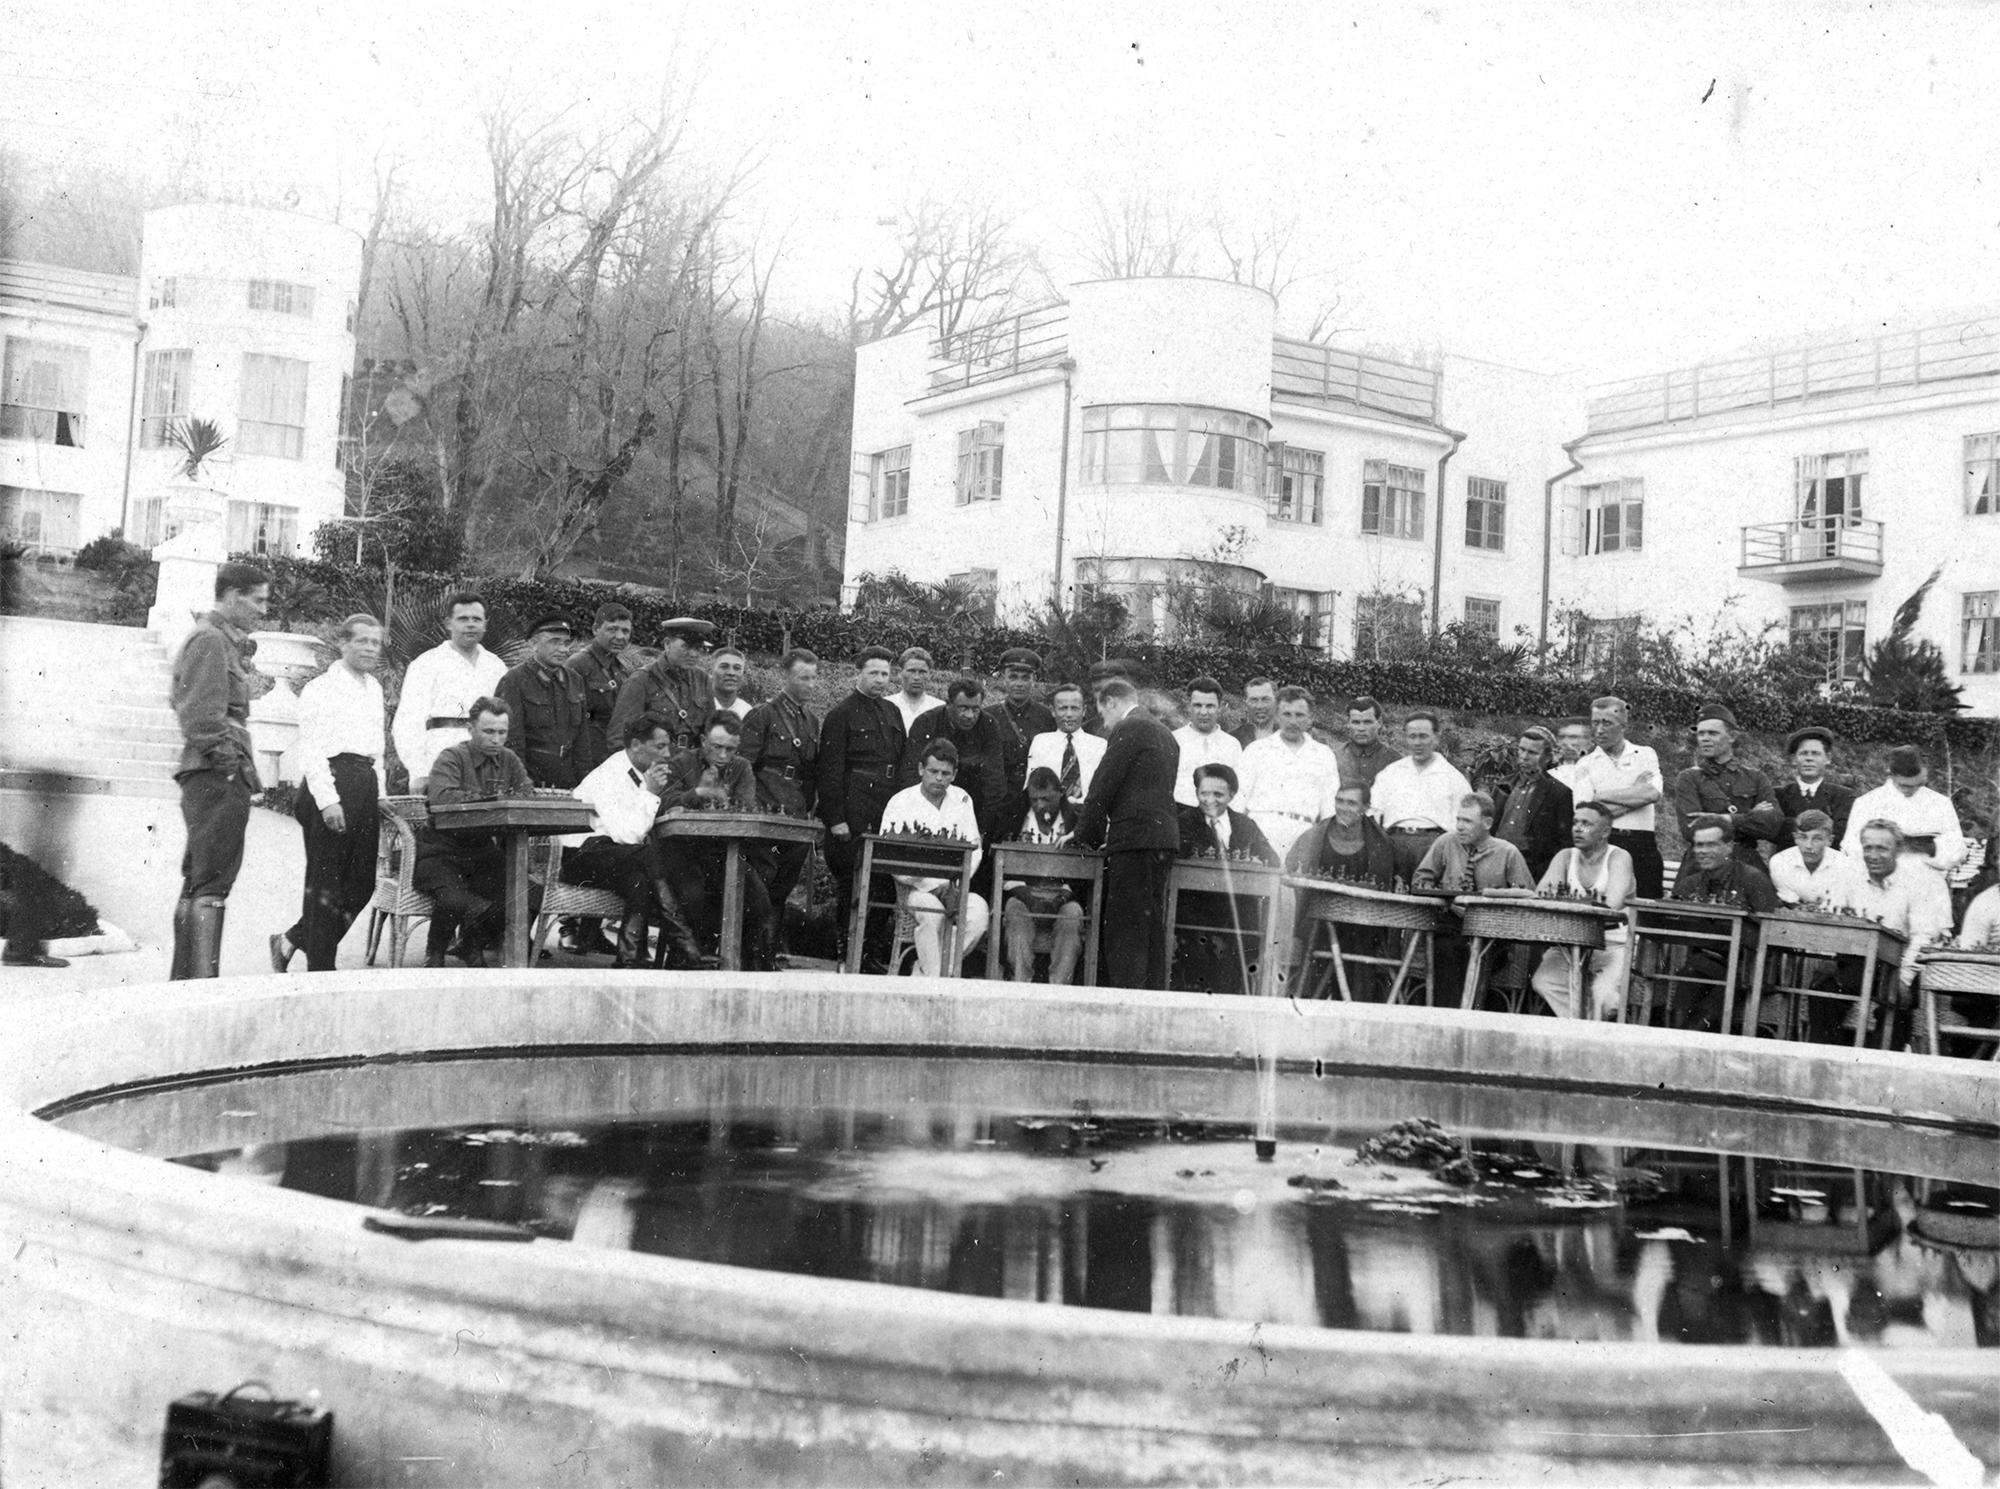 1938. Сочи. Санаторий НКВД №4. «Шахматный турнир»